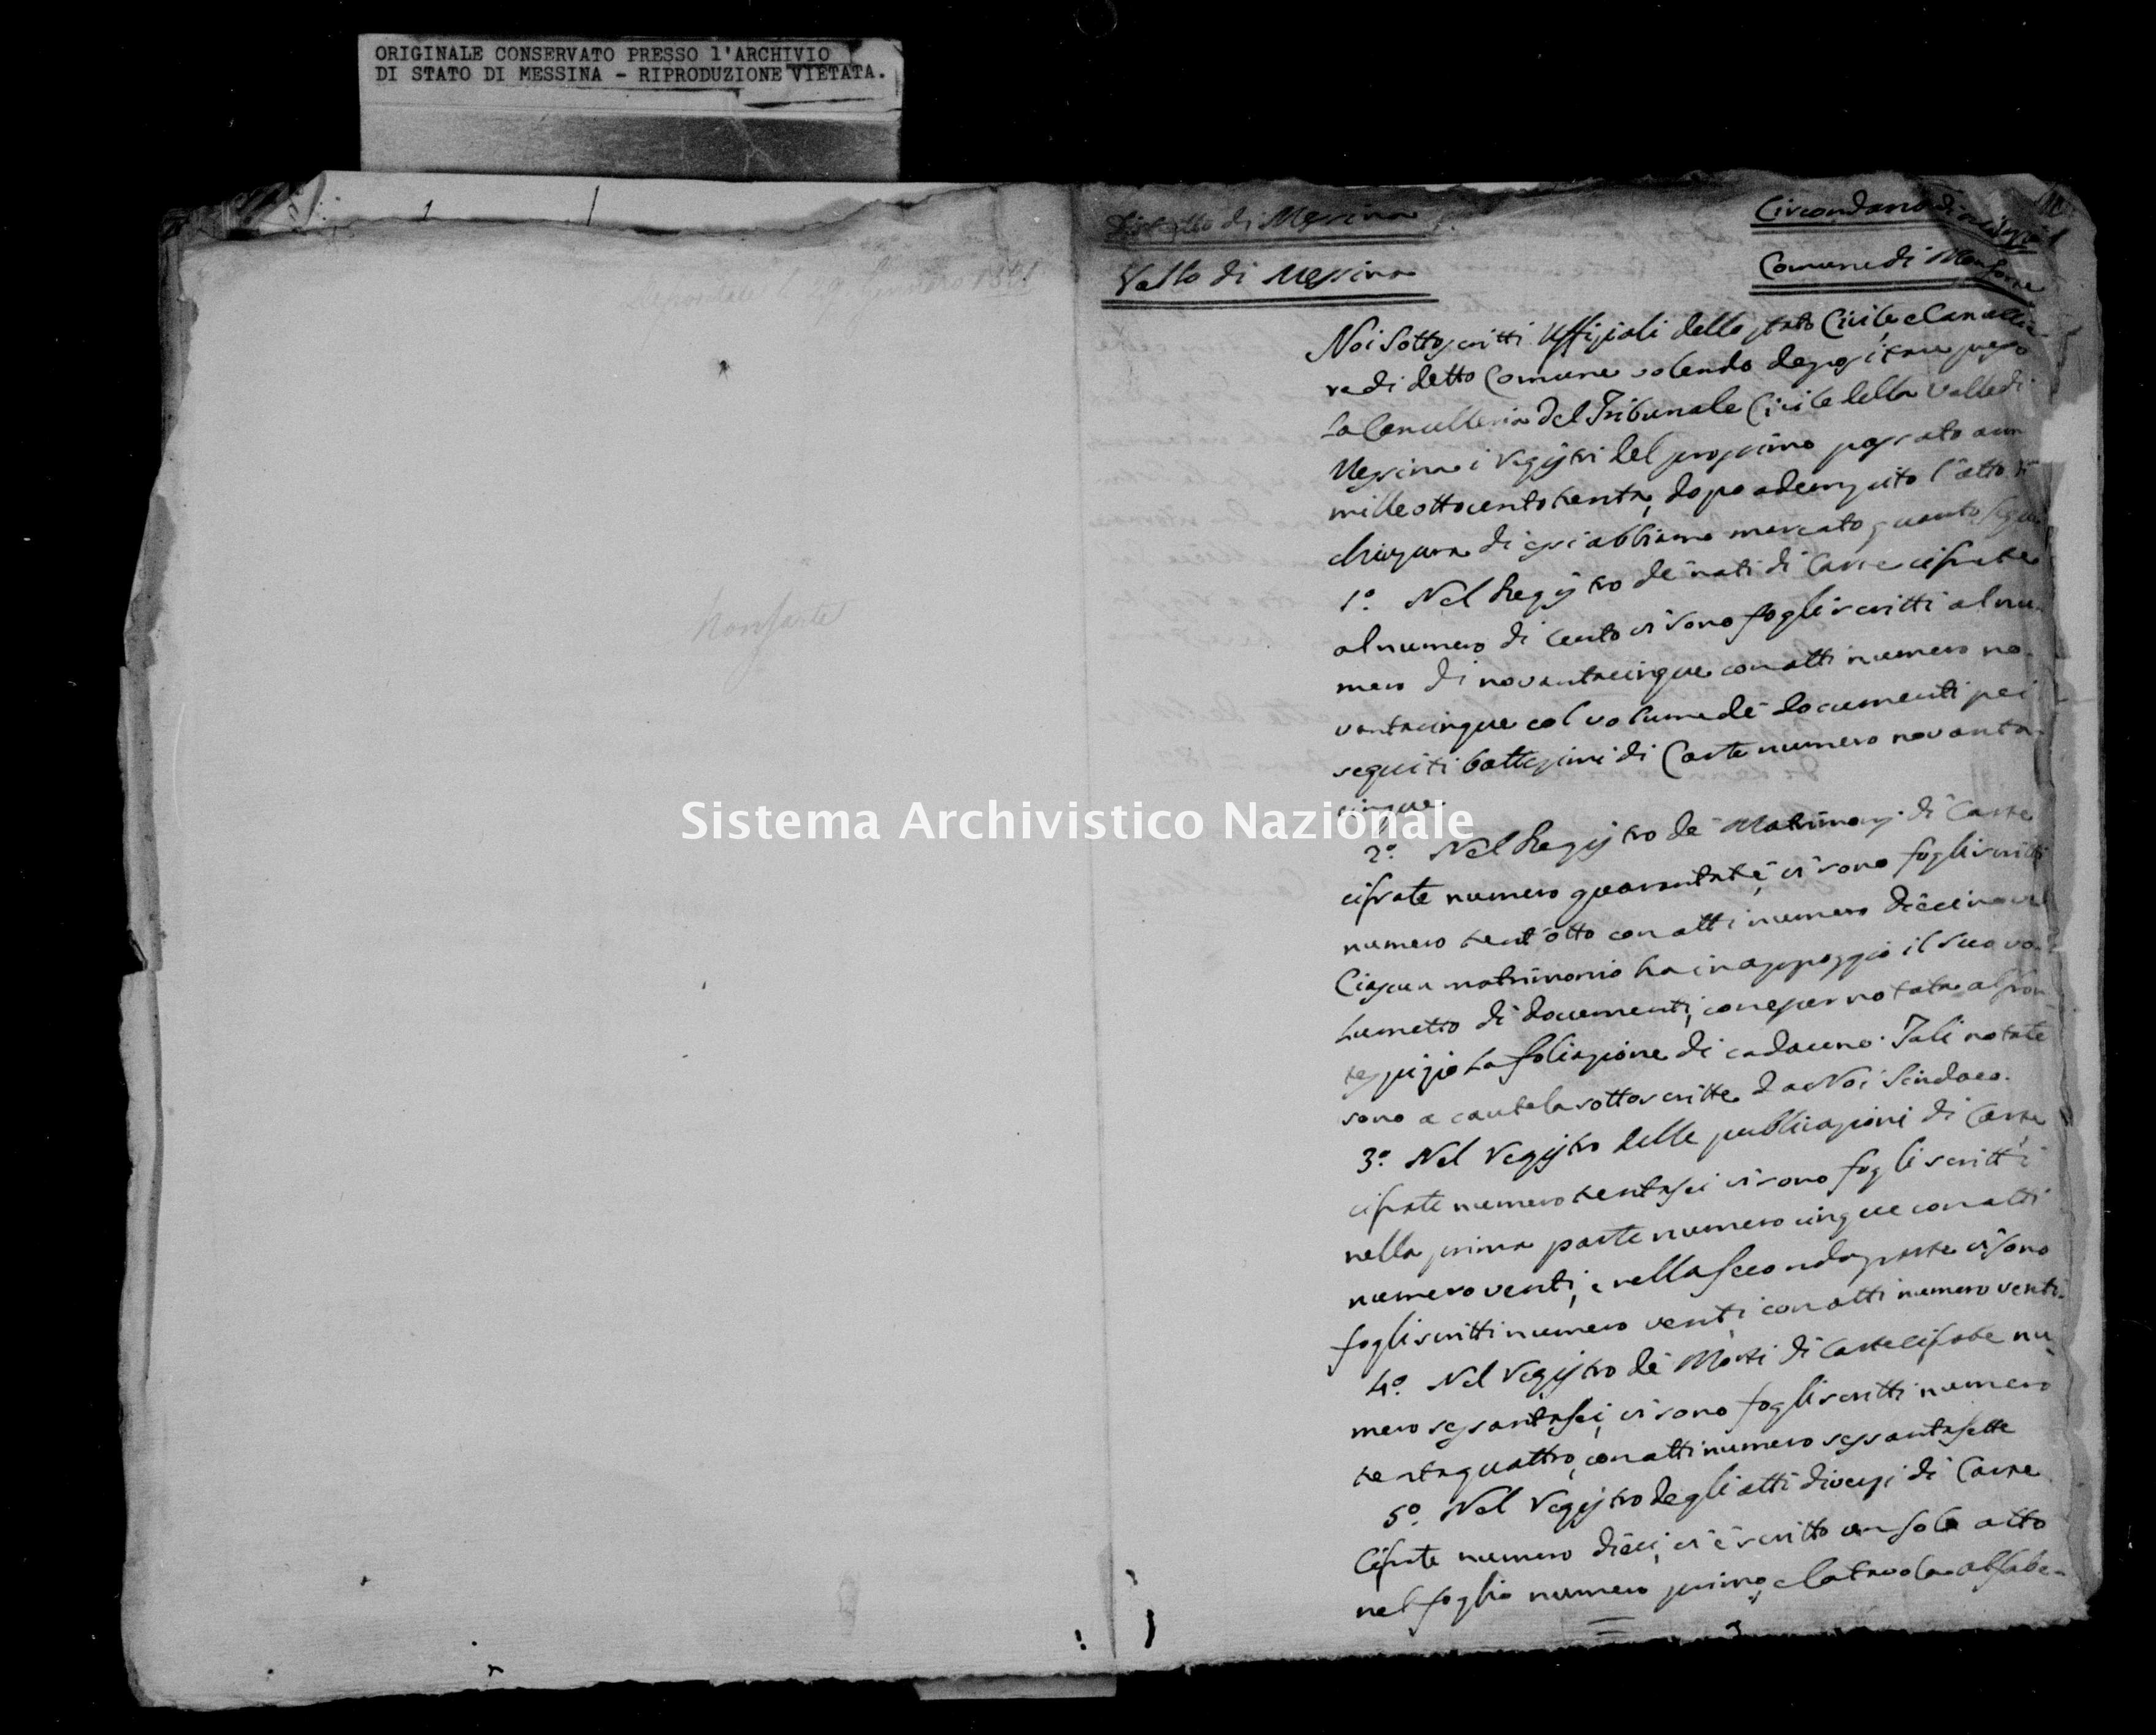 Archivio di stato di Messina - Stato civile della restaurazione - Monforte - Inventario - 1830 - 849 -